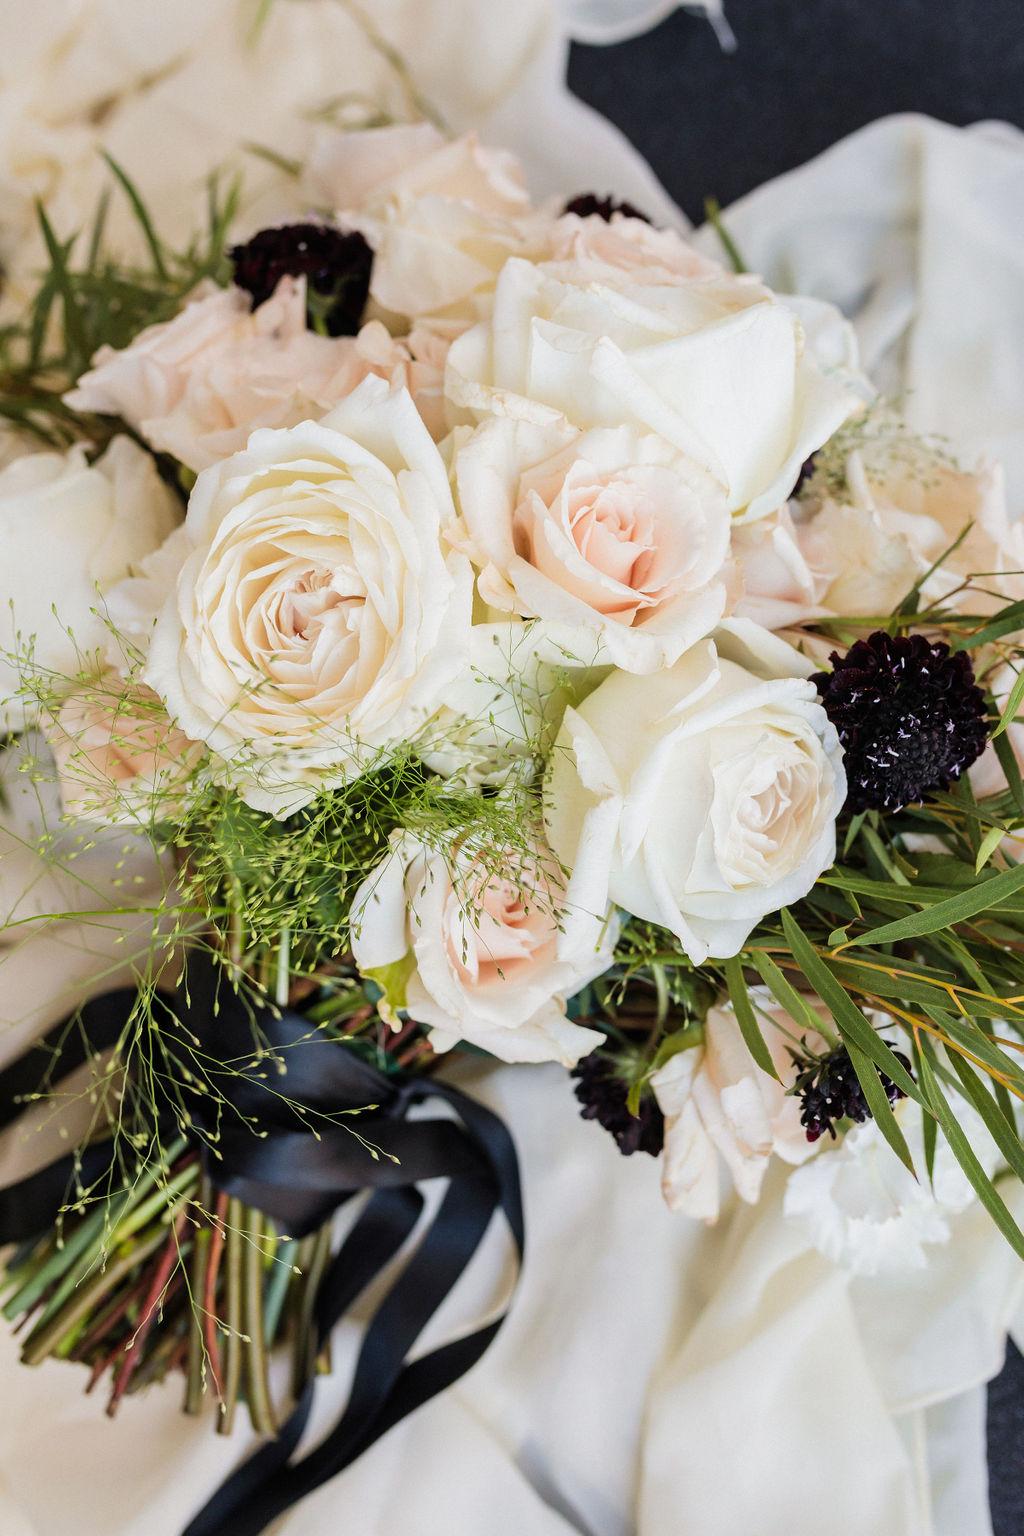 Black And White Bridal Wedding Bouquet Flowers Elizabeth Burgi Photography 1